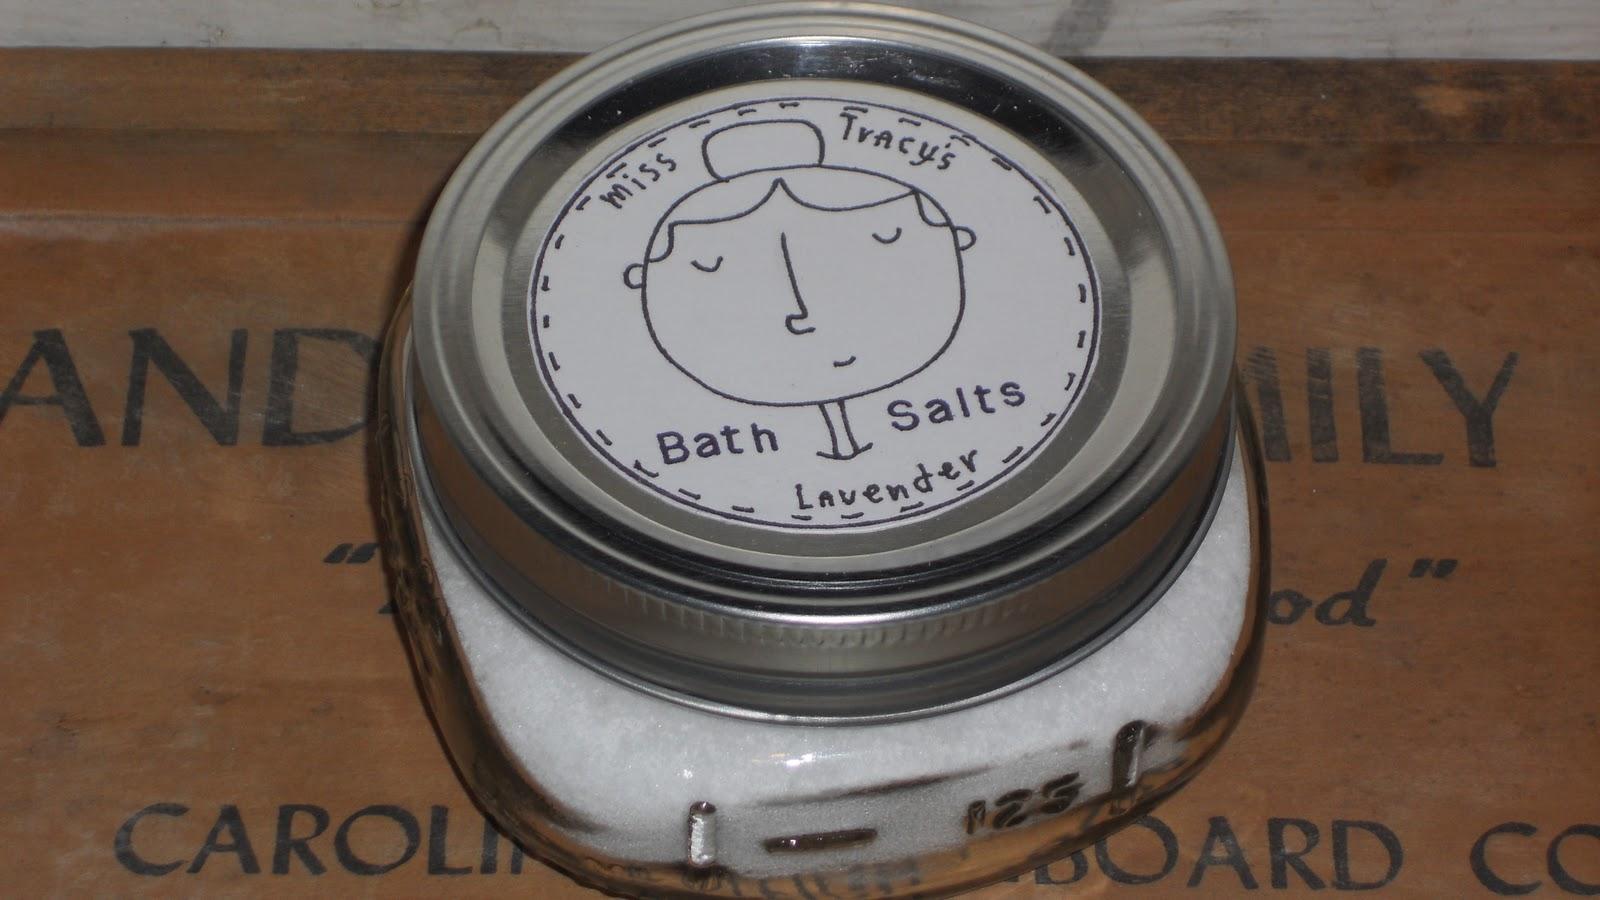 http://1.bp.blogspot.com/-MlkTSshGdD8/TvJMTpsysdI/AAAAAAAACHk/BqNBMVOeQAw/s1600/bath+salts+052.JPG